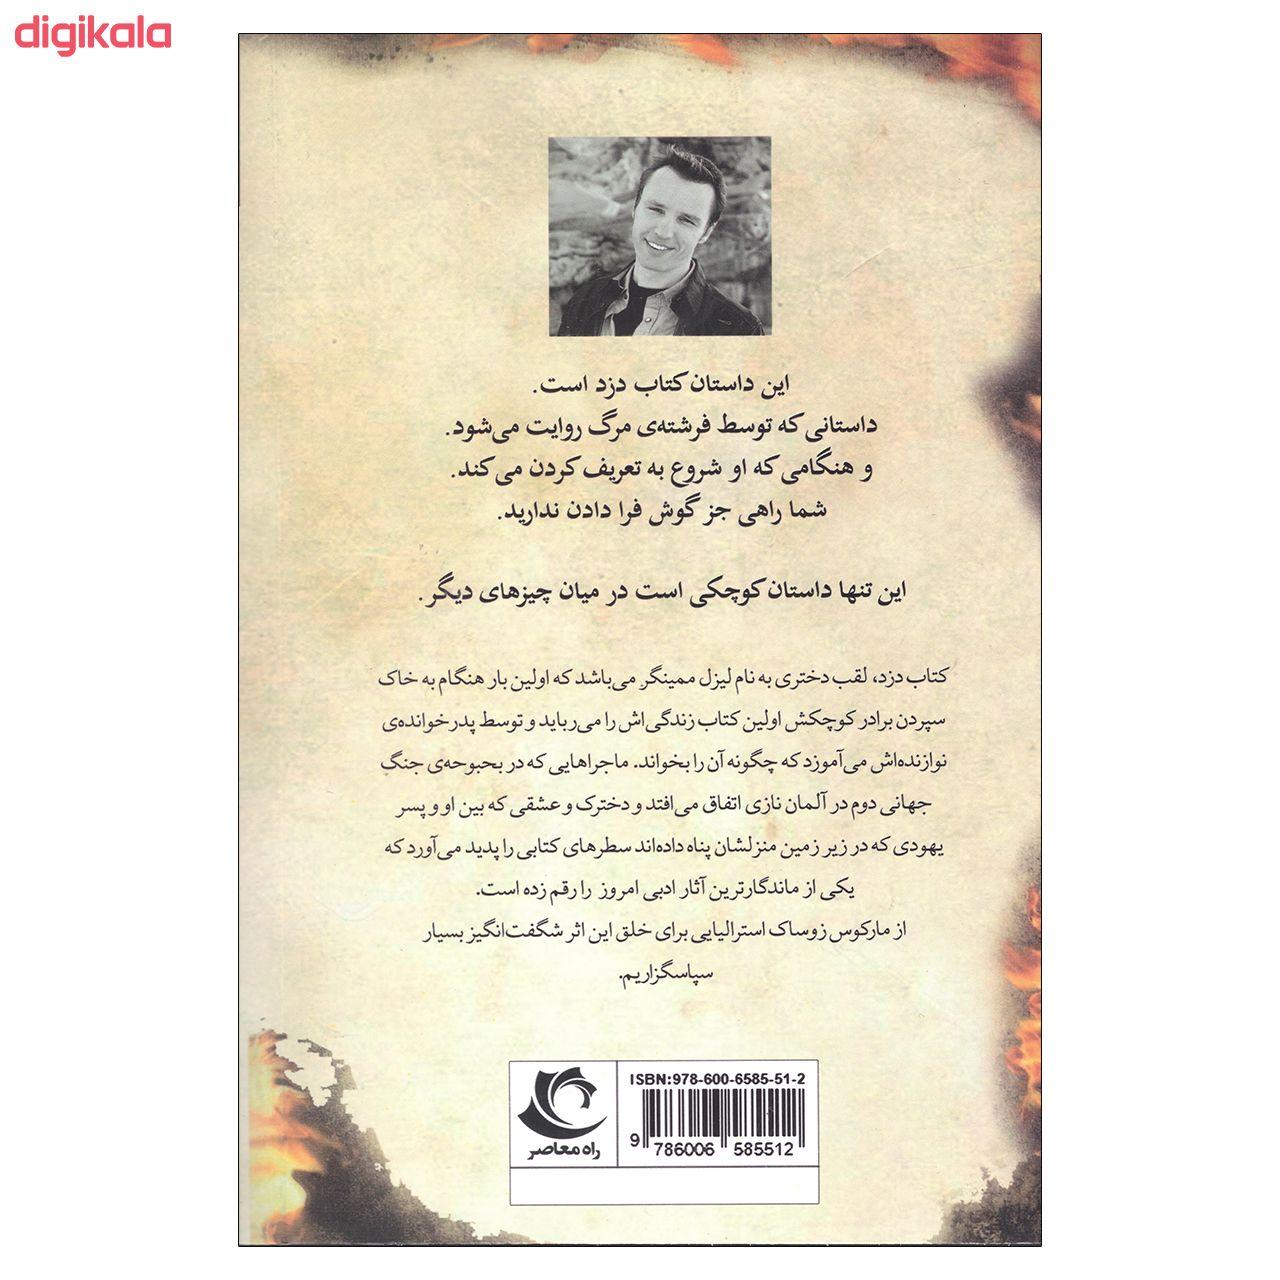 کتاب کتاب دزد اثر مارکوس زوساک انتشارات راه معاصر main 1 1